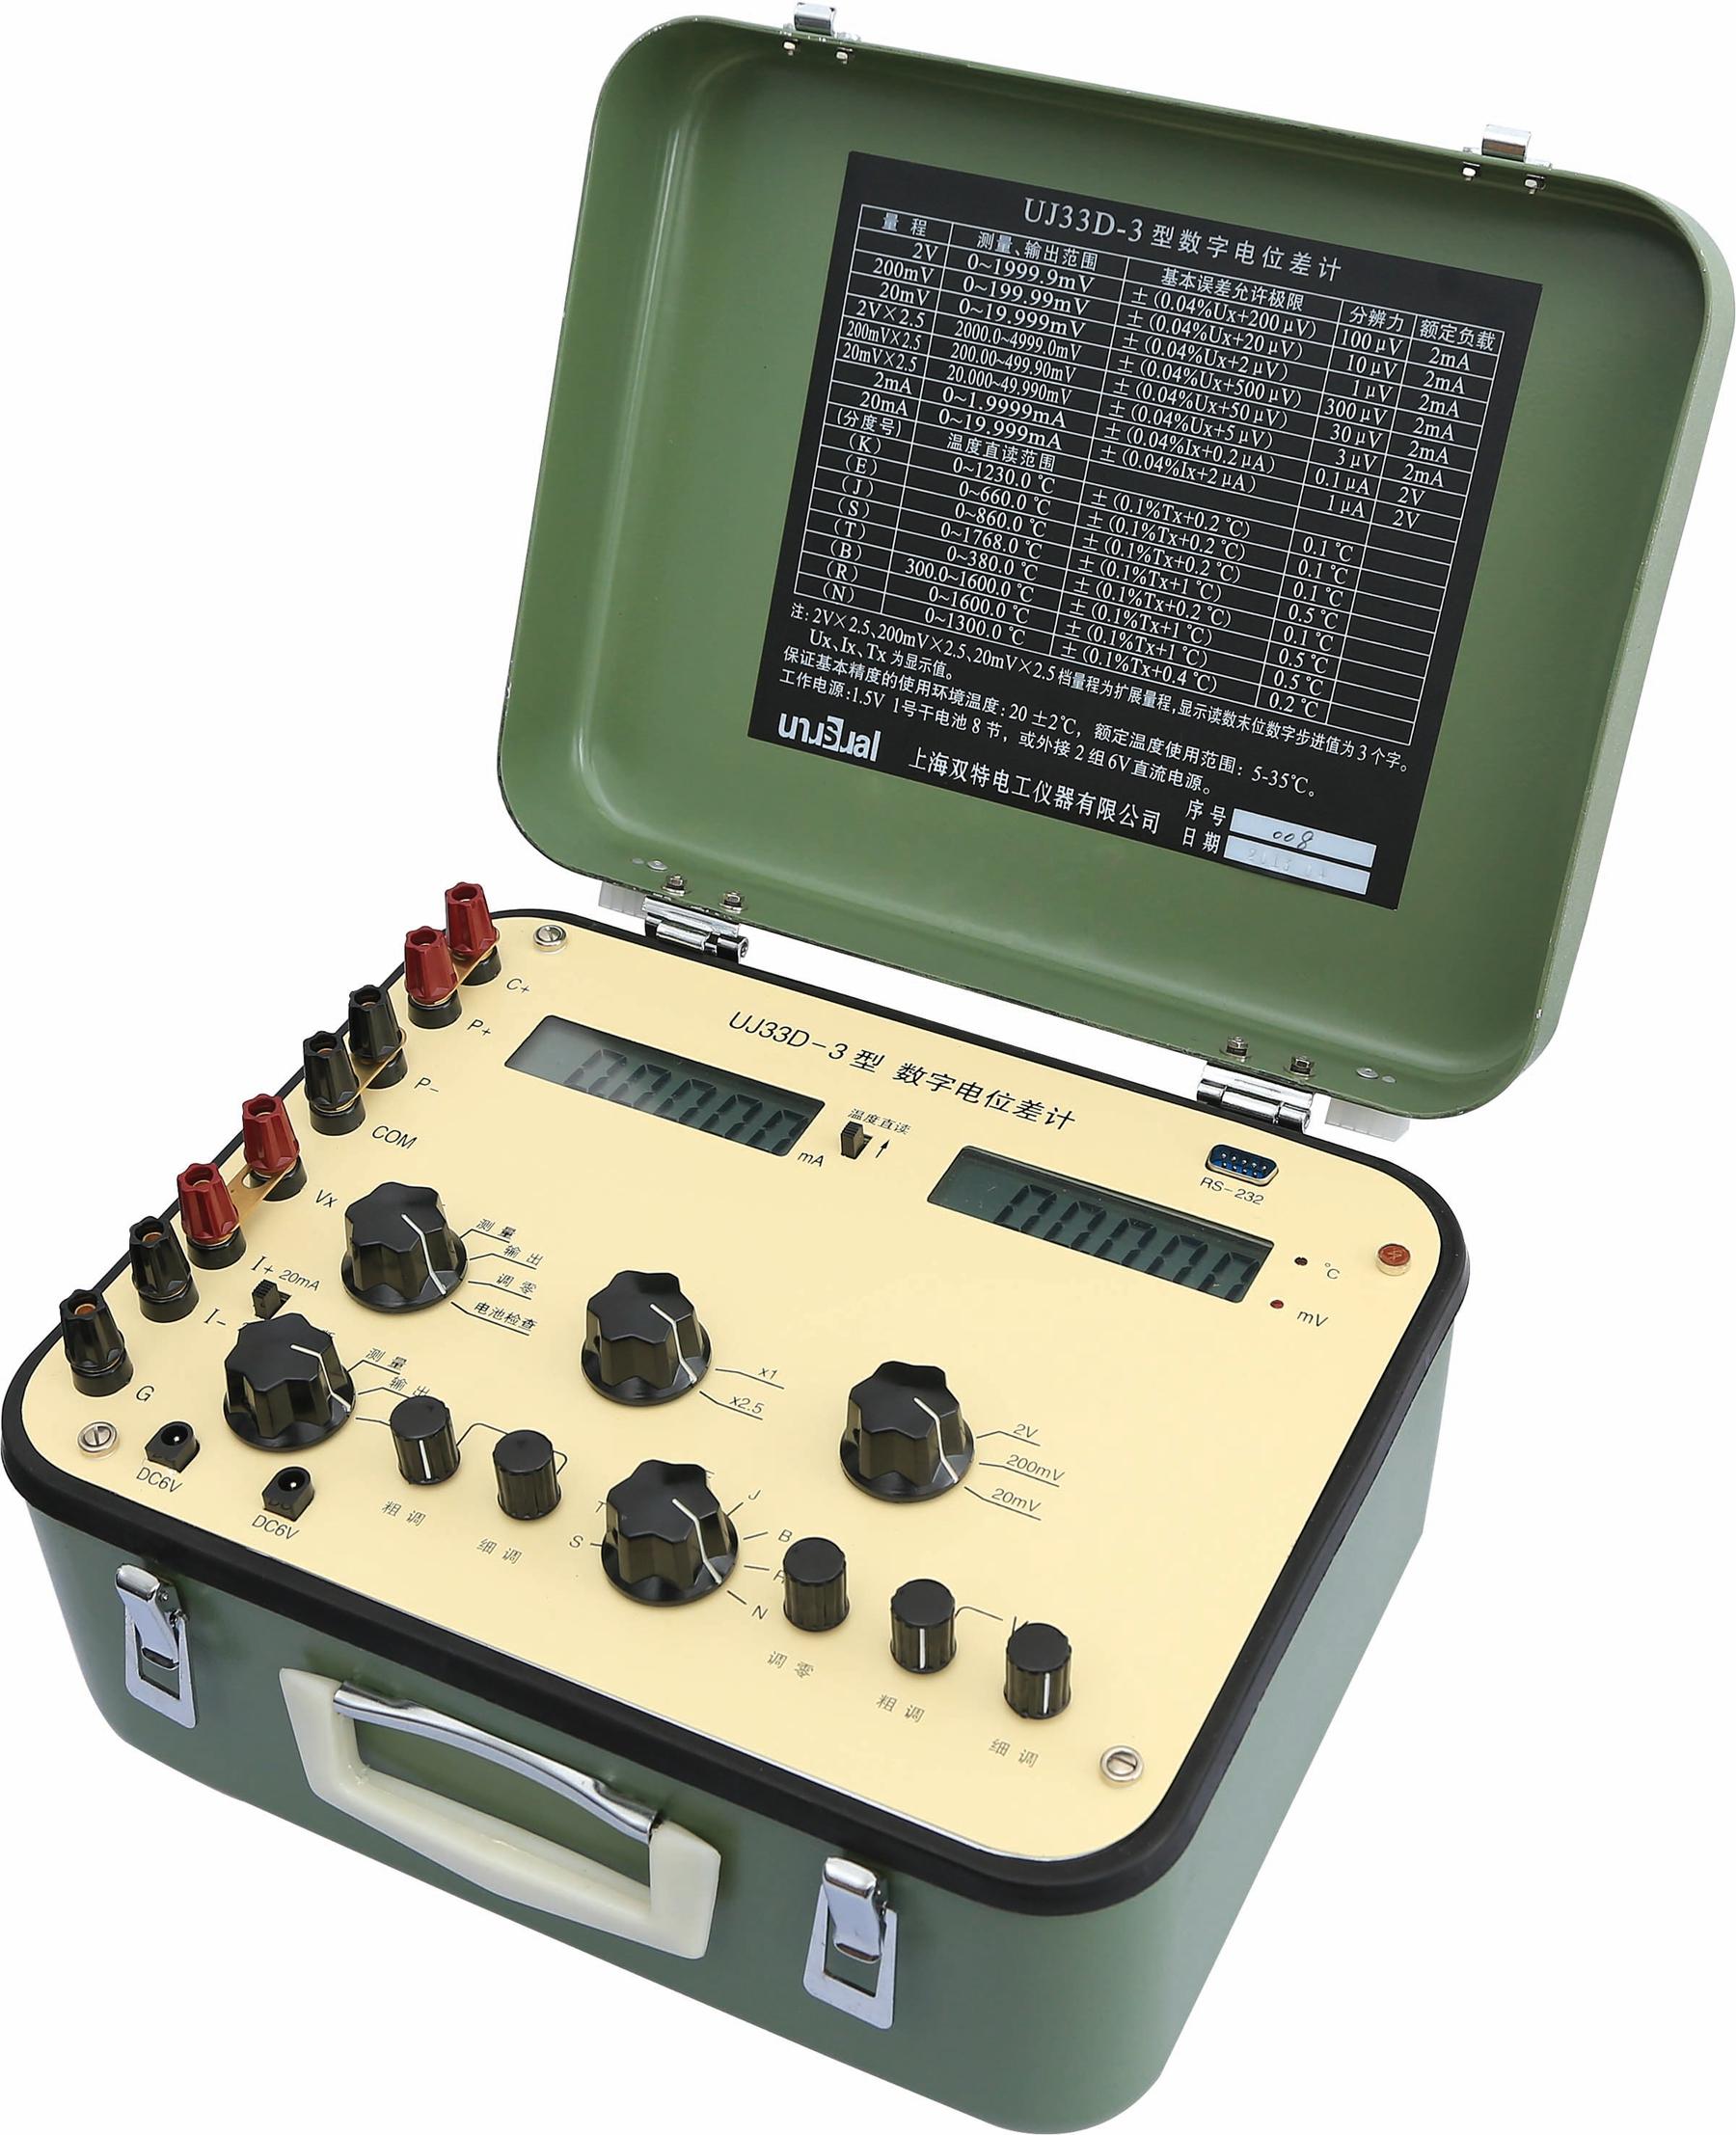 UJ33D-3型数字电位差计